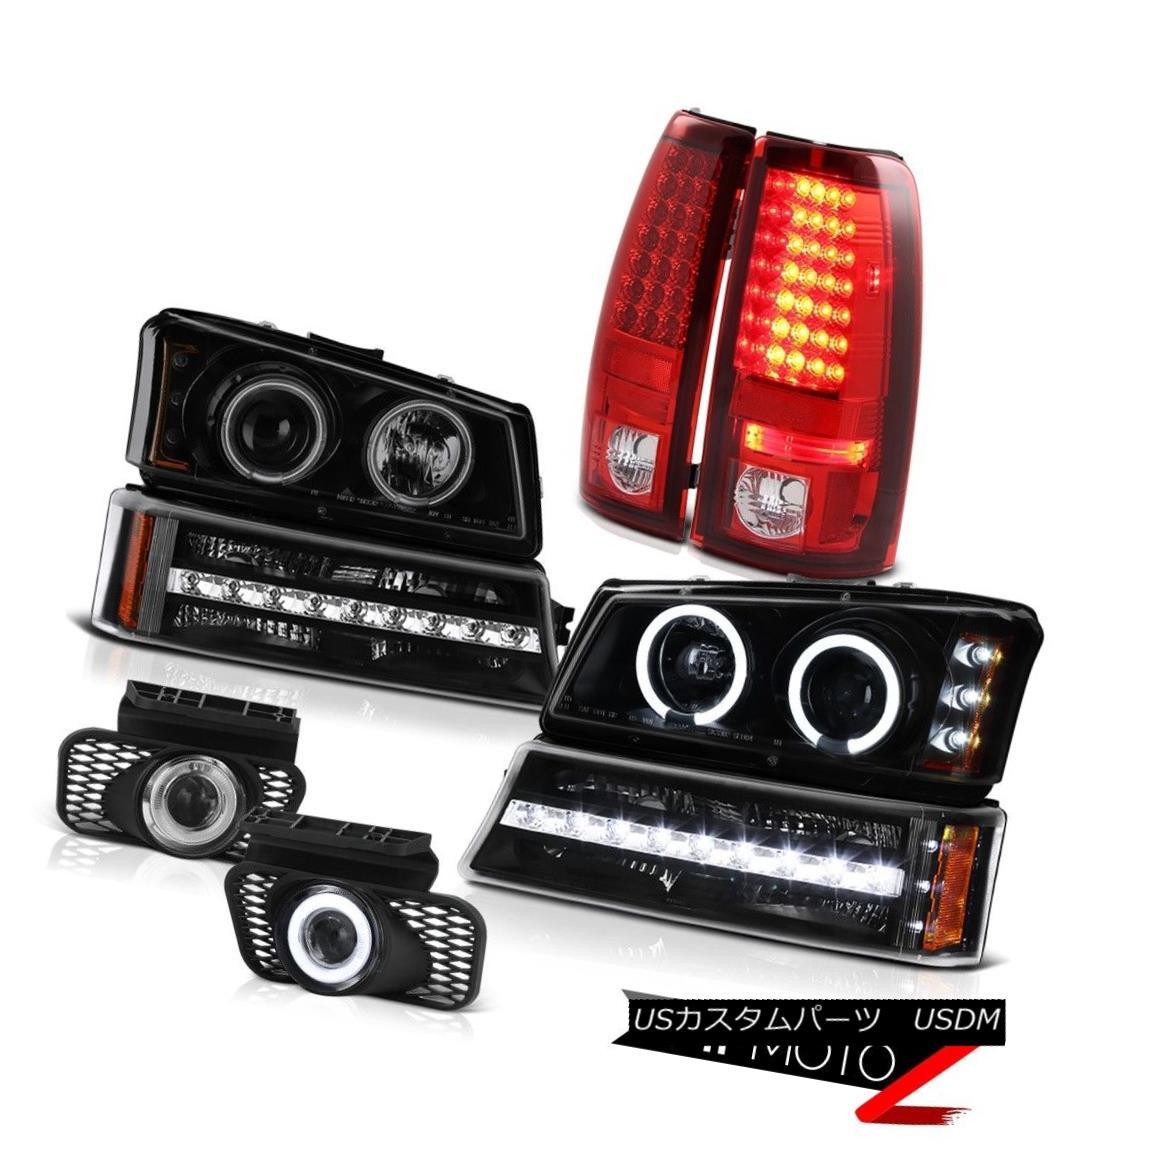 ヘッドライト 03-06 Silverado 3500HD Fog lamps red tail brake lights bumper lamp headlamps 03-06 Silverado 3500HDフォグランプ赤いテールブレーキライトバンパーランプヘッドランプ